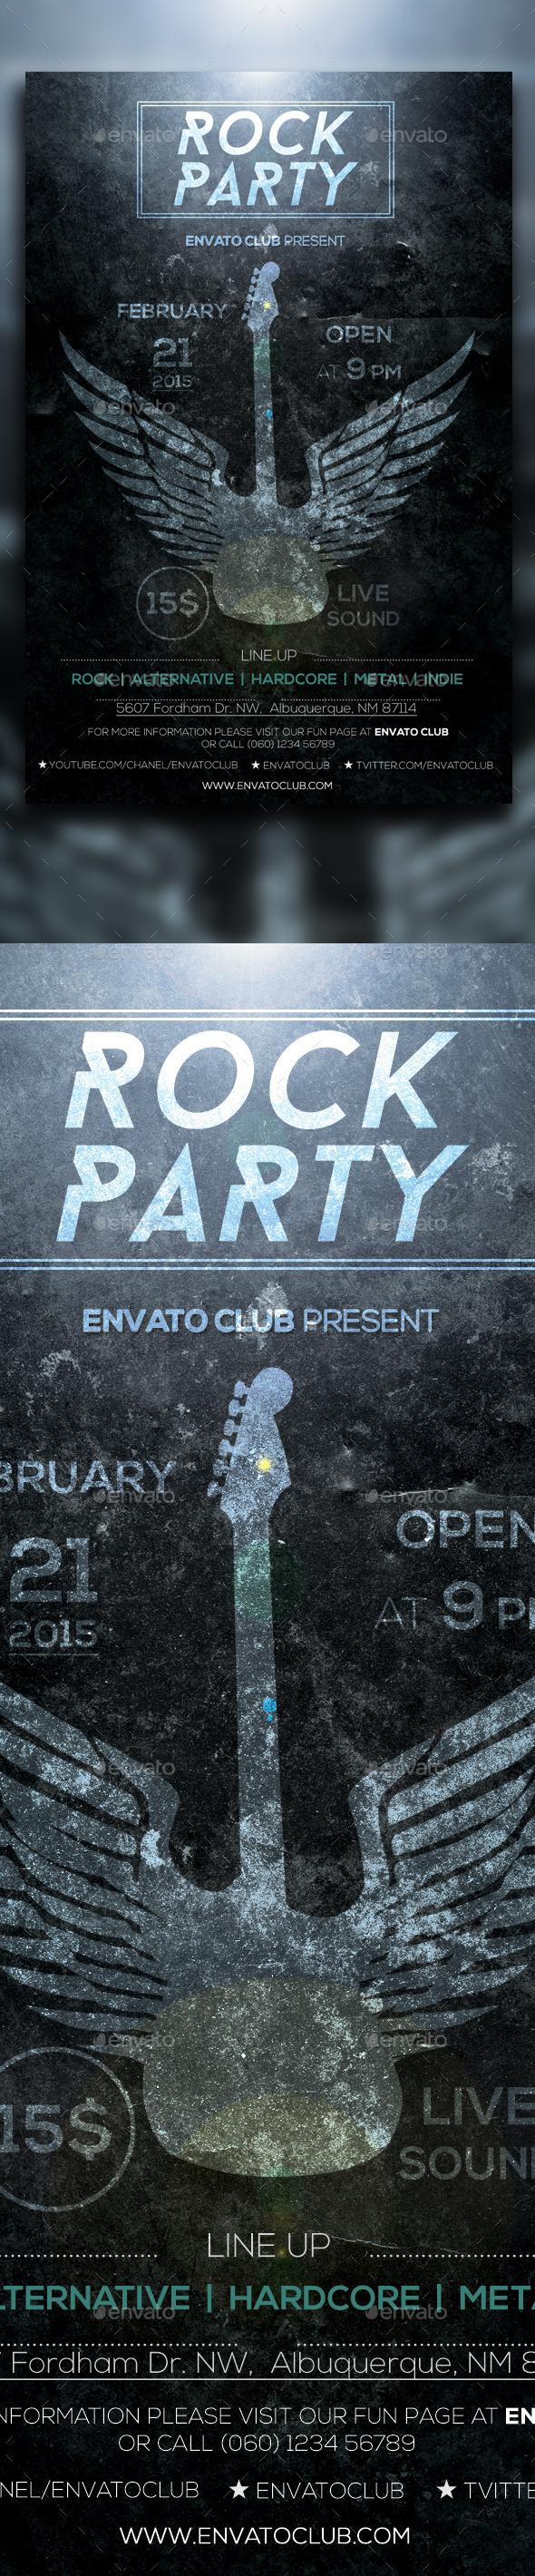 GraphicRiver Rock Party Dark Flyer 10140167